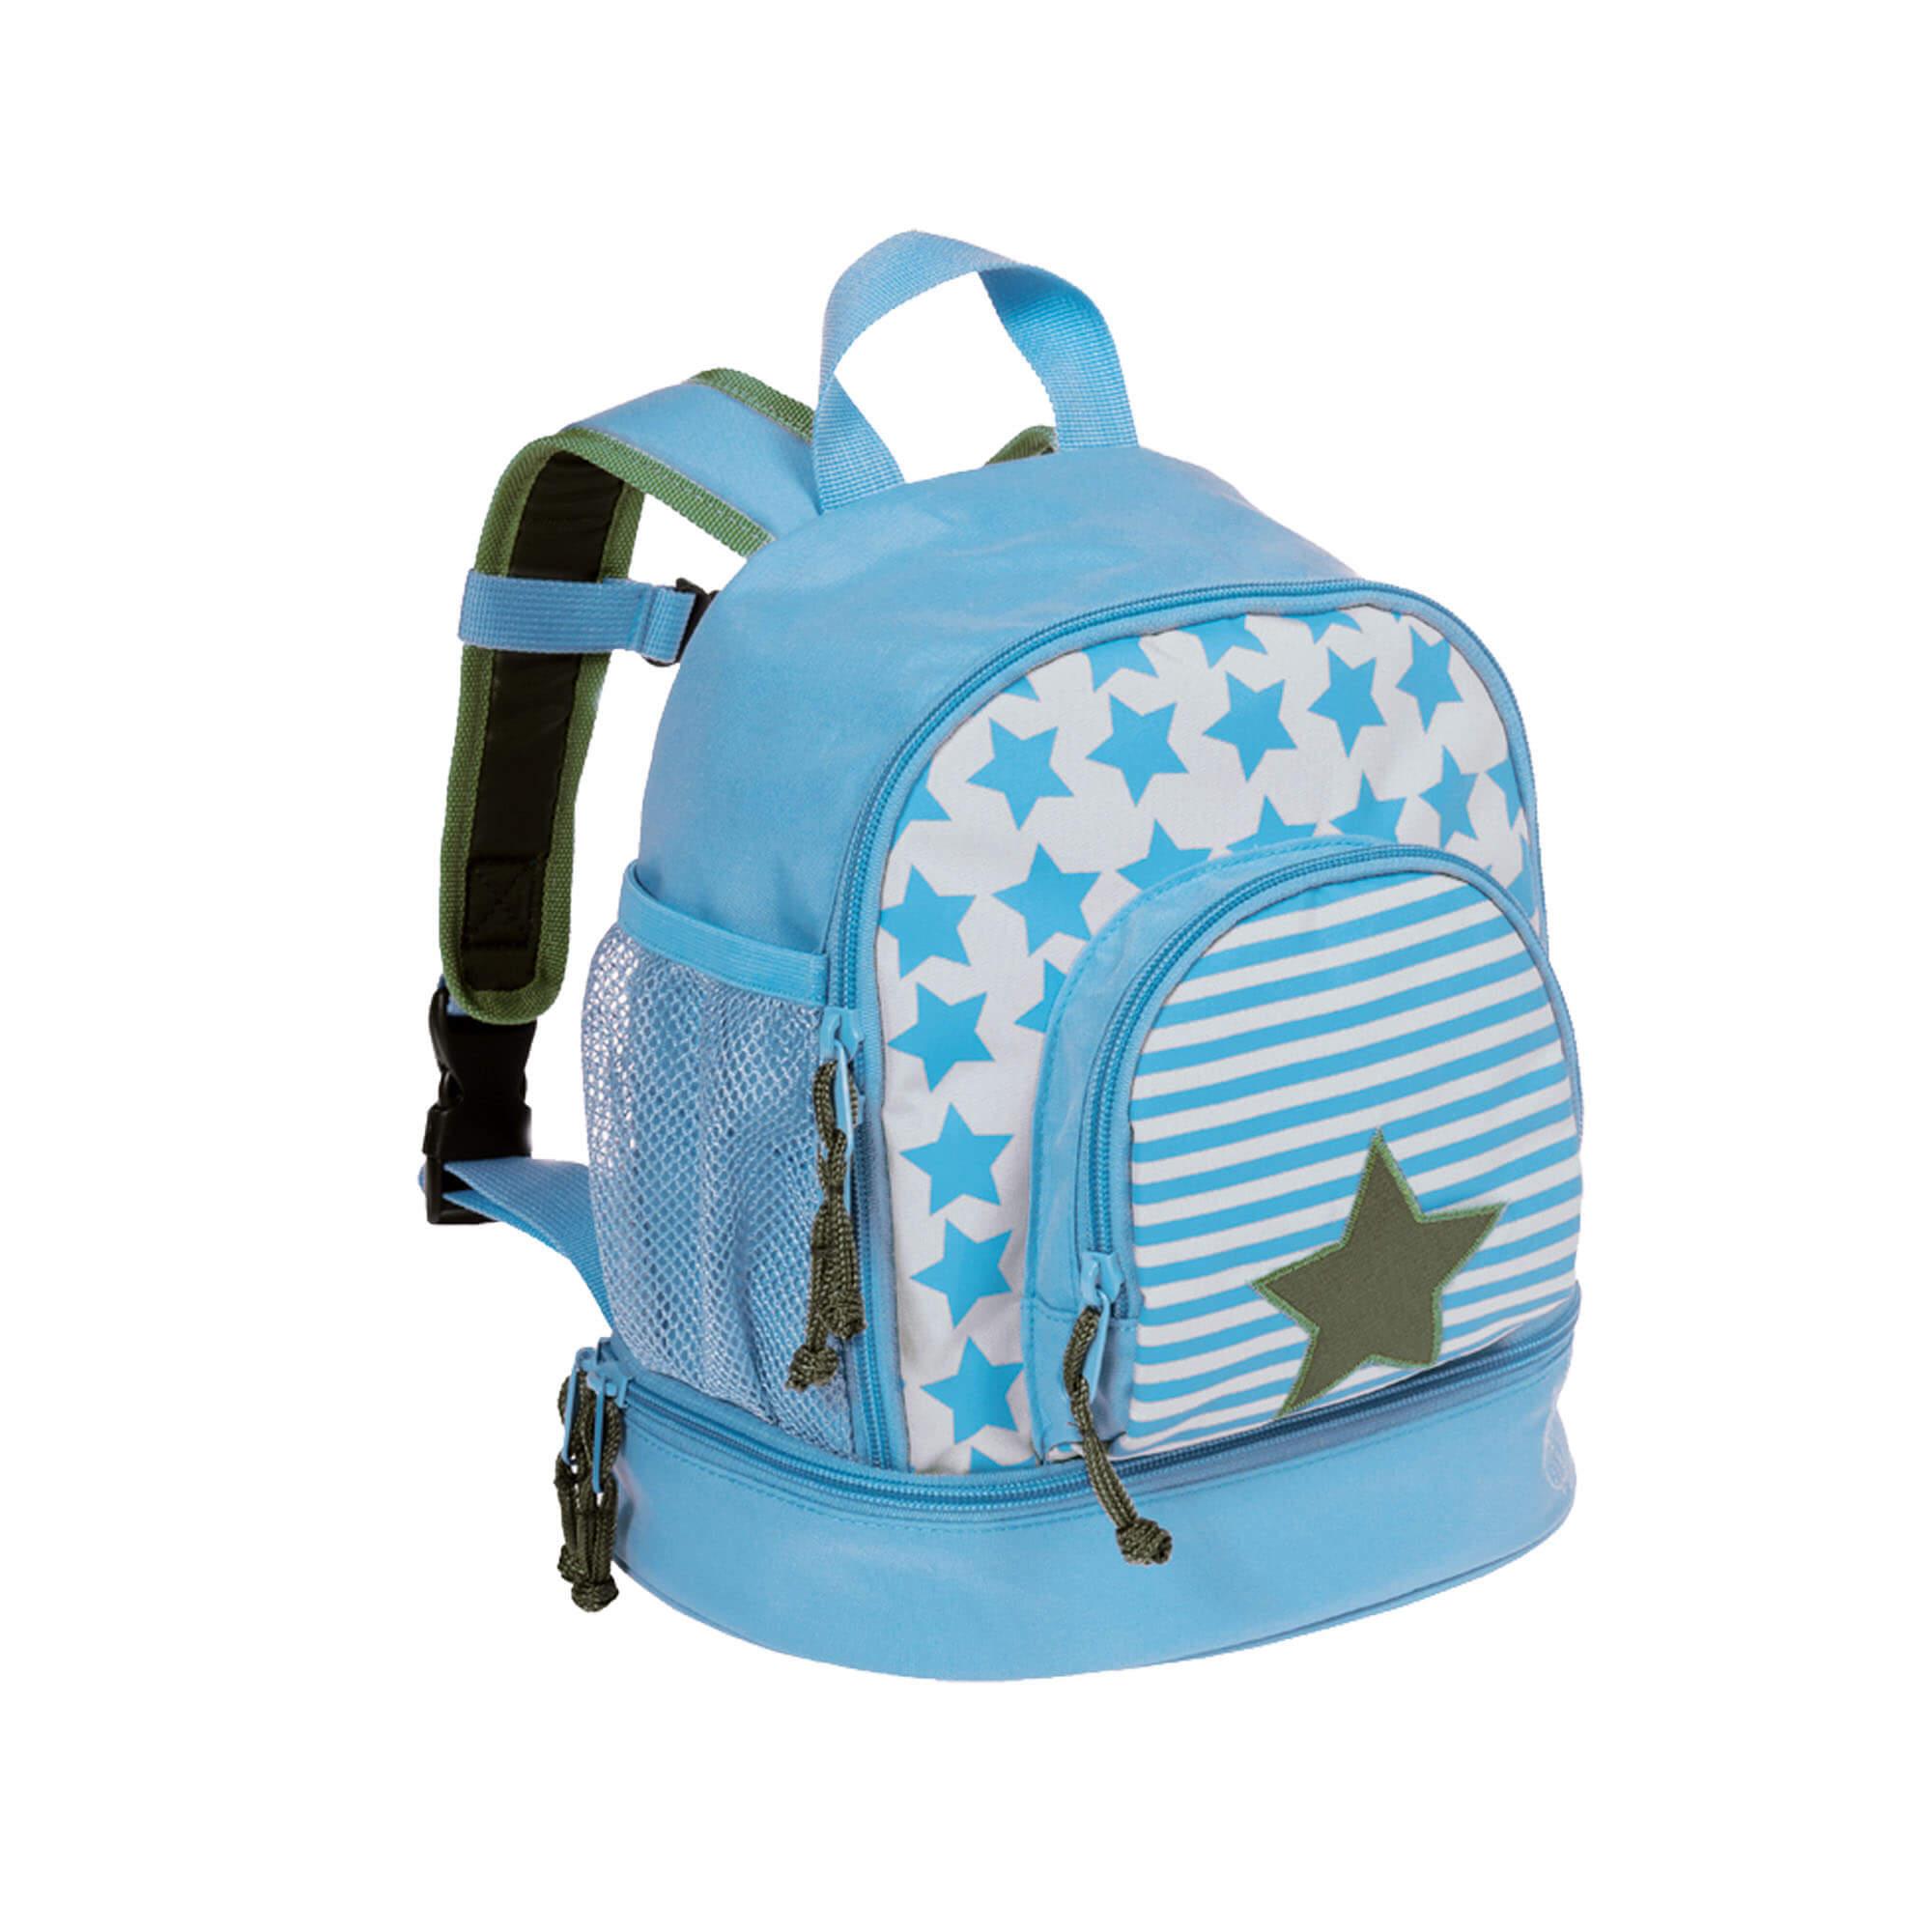 Lässig kinderrucksack mini backpack starlight olive